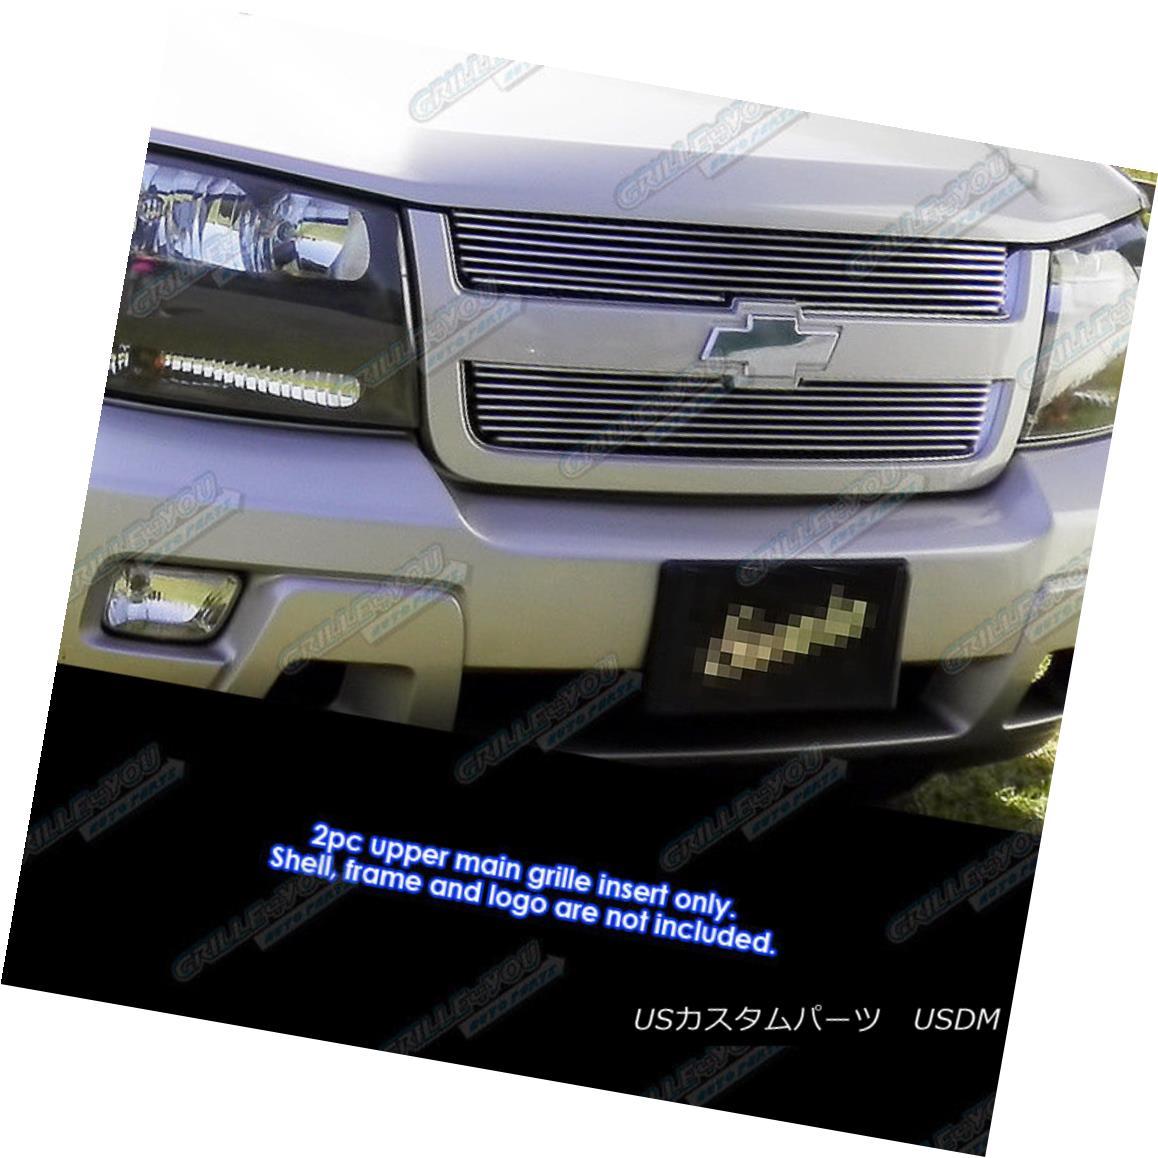 グリル Fits 2006-2009 Chevy Trailblazer LT Billet Grille Insert フィット2006-2009シボレートレイルブレイザーLTビレットグリルインサート